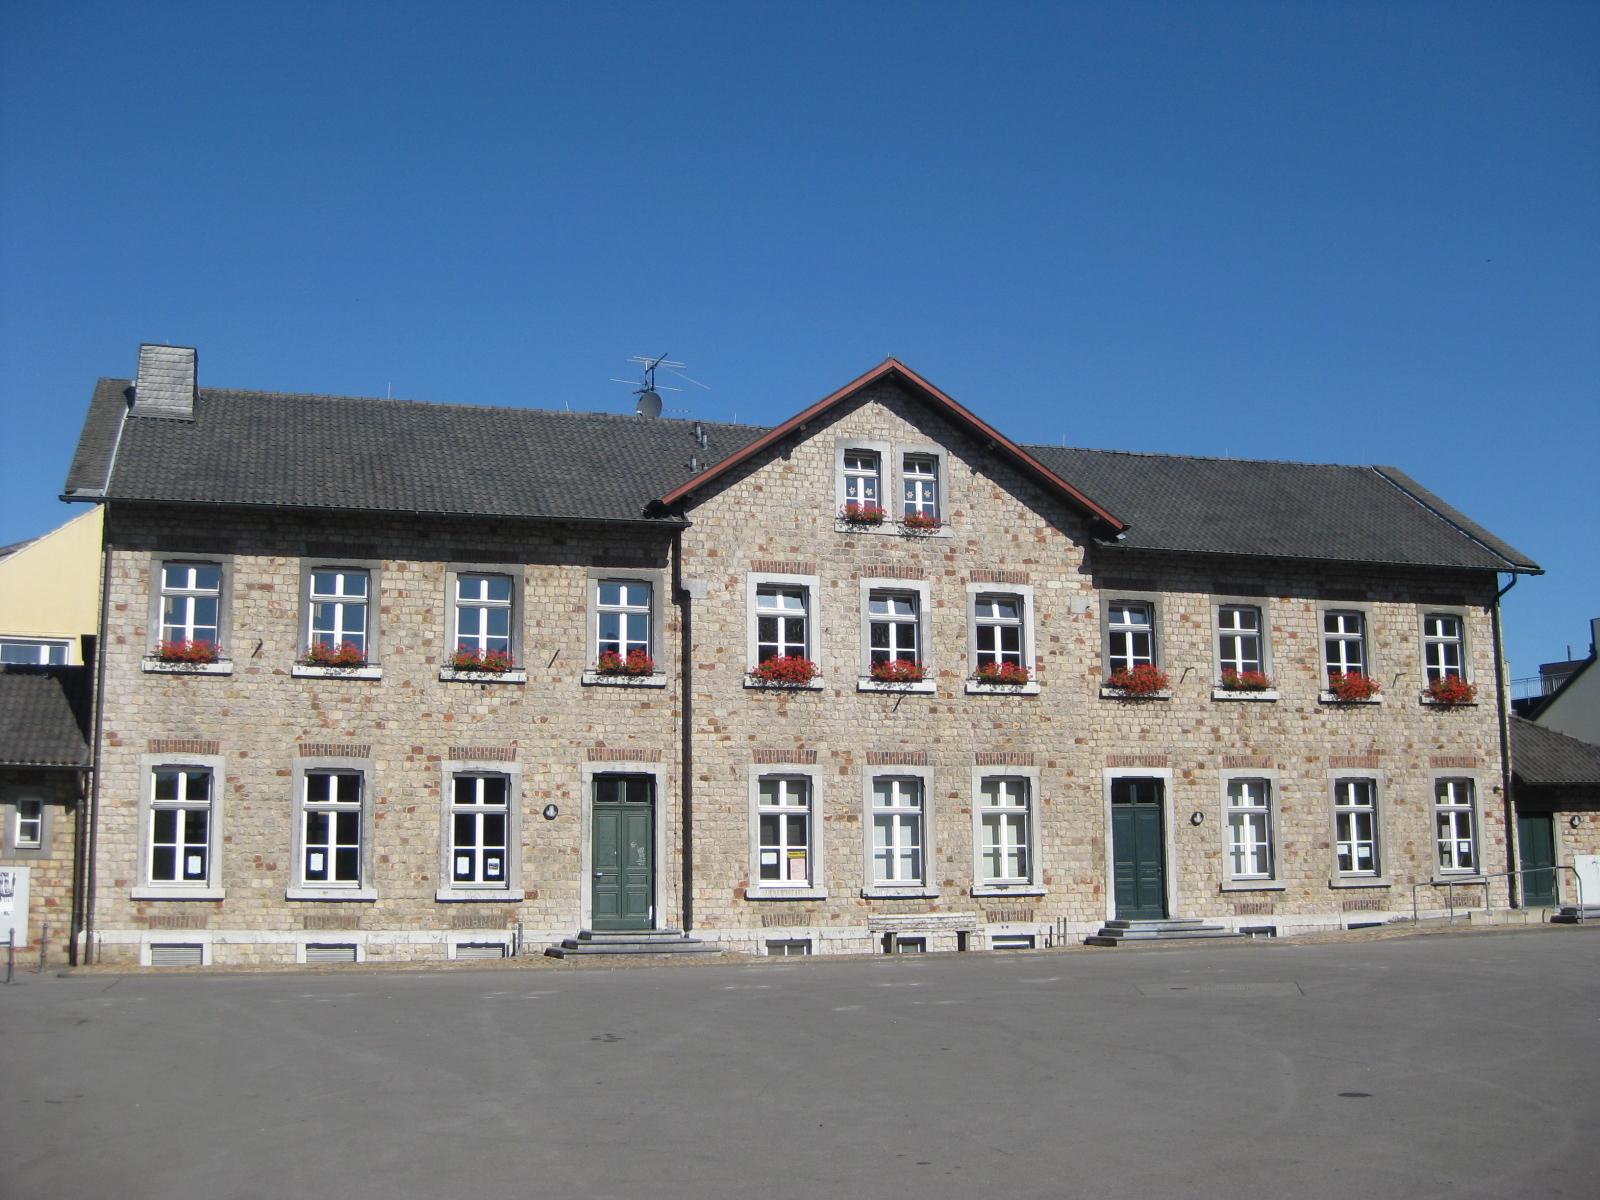 Bildergebnis für fotos vom bürgerhaus büsbach im stones club